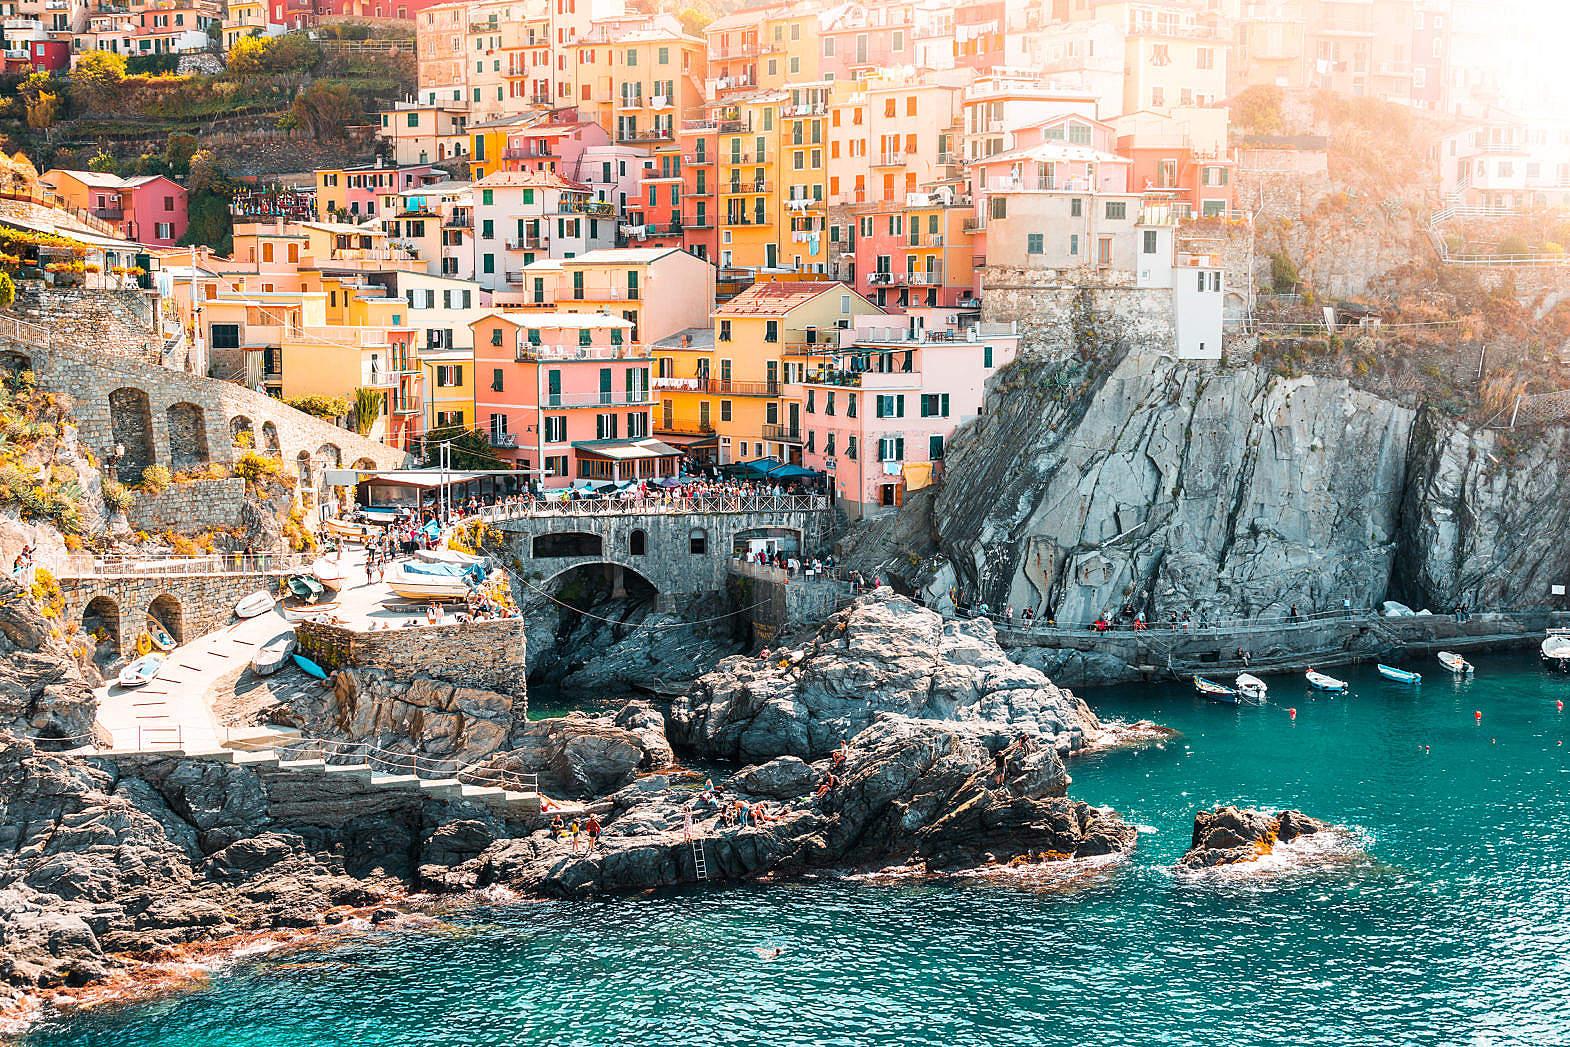 Firenze - Cinque Terre varázsa – október (5 nap) Irányár: 95.800 Ft/fő